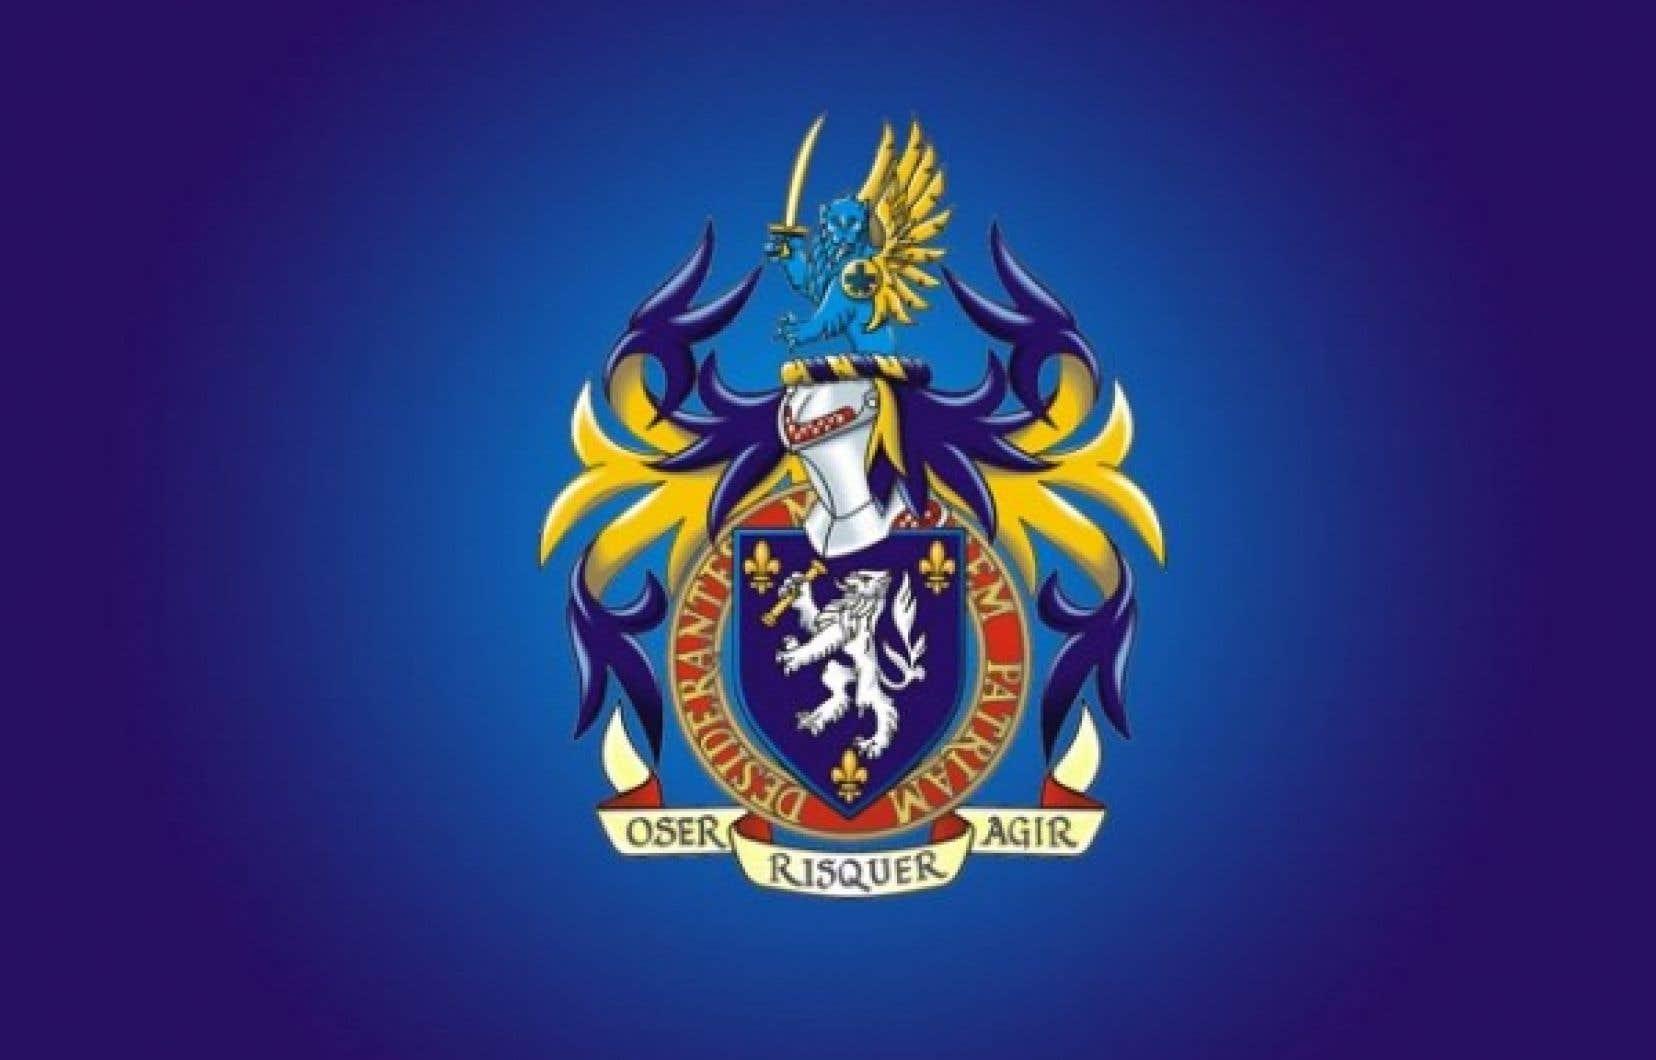 Les armoiries de M. Duchesneau prennent l'allure d'un lion bleu ailé et armé d'une épée dorée. Le lion porte sur l'épaule l'insigne du Service de police de la Vile de Montréal. Il surplombe le heaume d'un chevalier dont le blason est orné d'un lion blanc tenant dans ses griffes un parchemin.